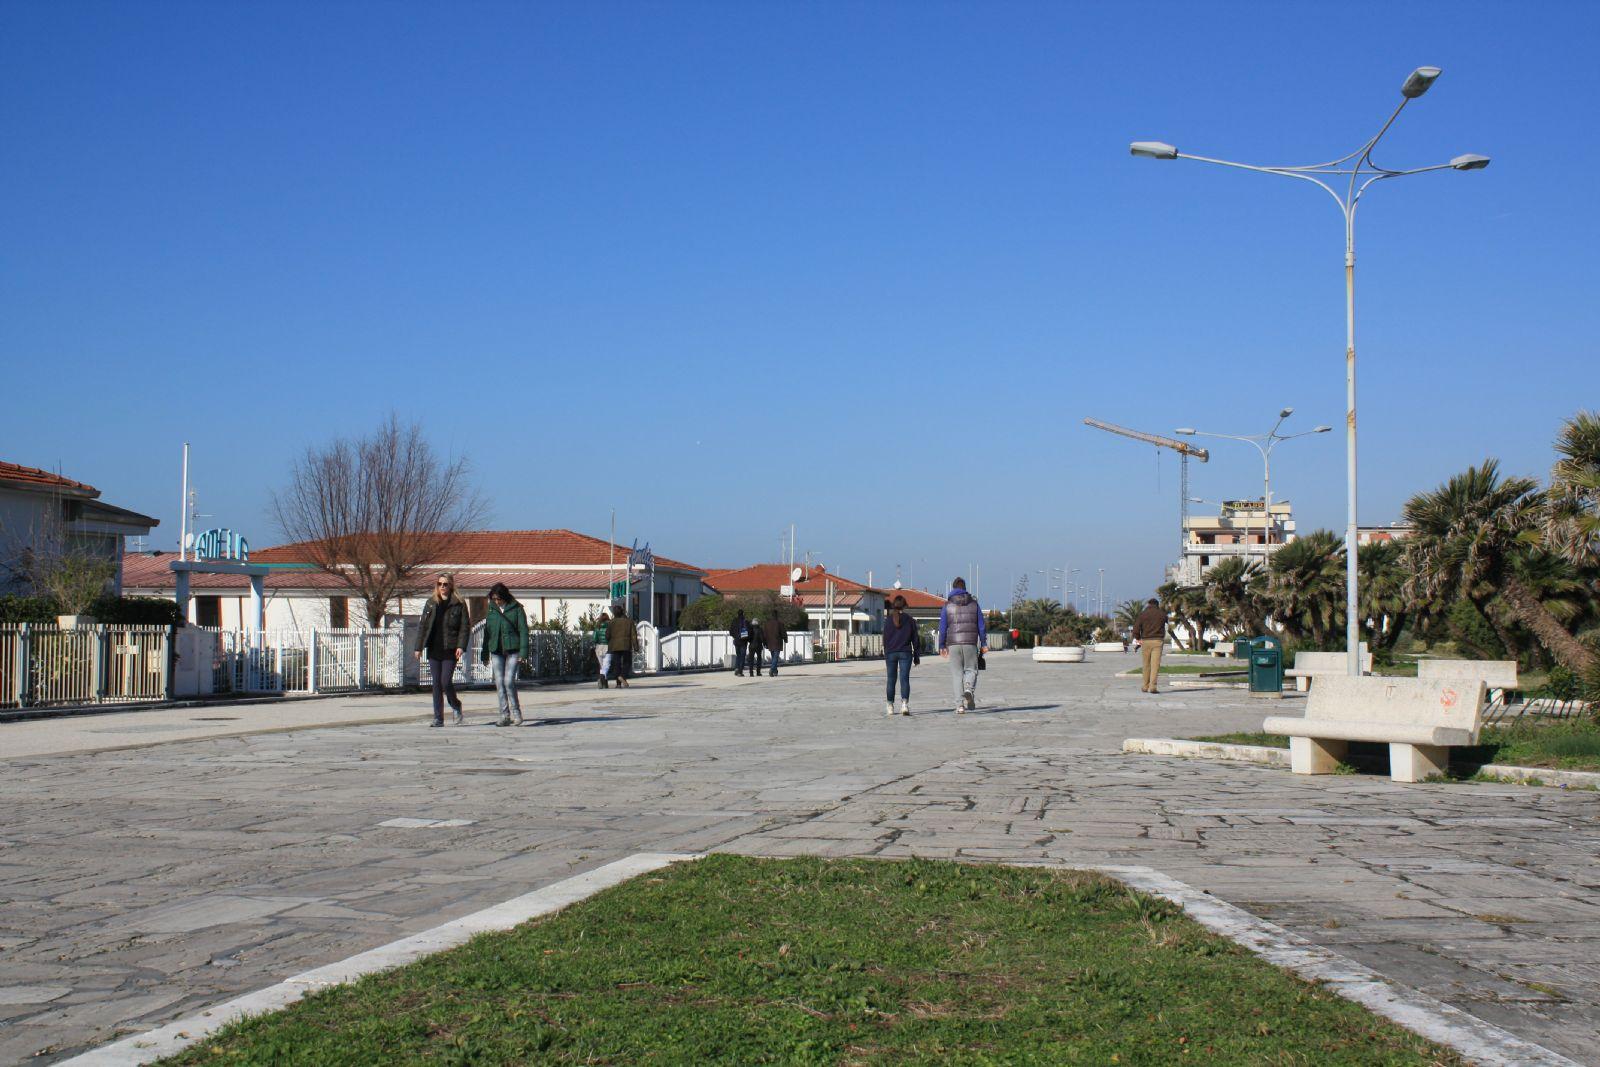 Posizione bagno amelia a viareggio - Bagno amedea viareggio ...